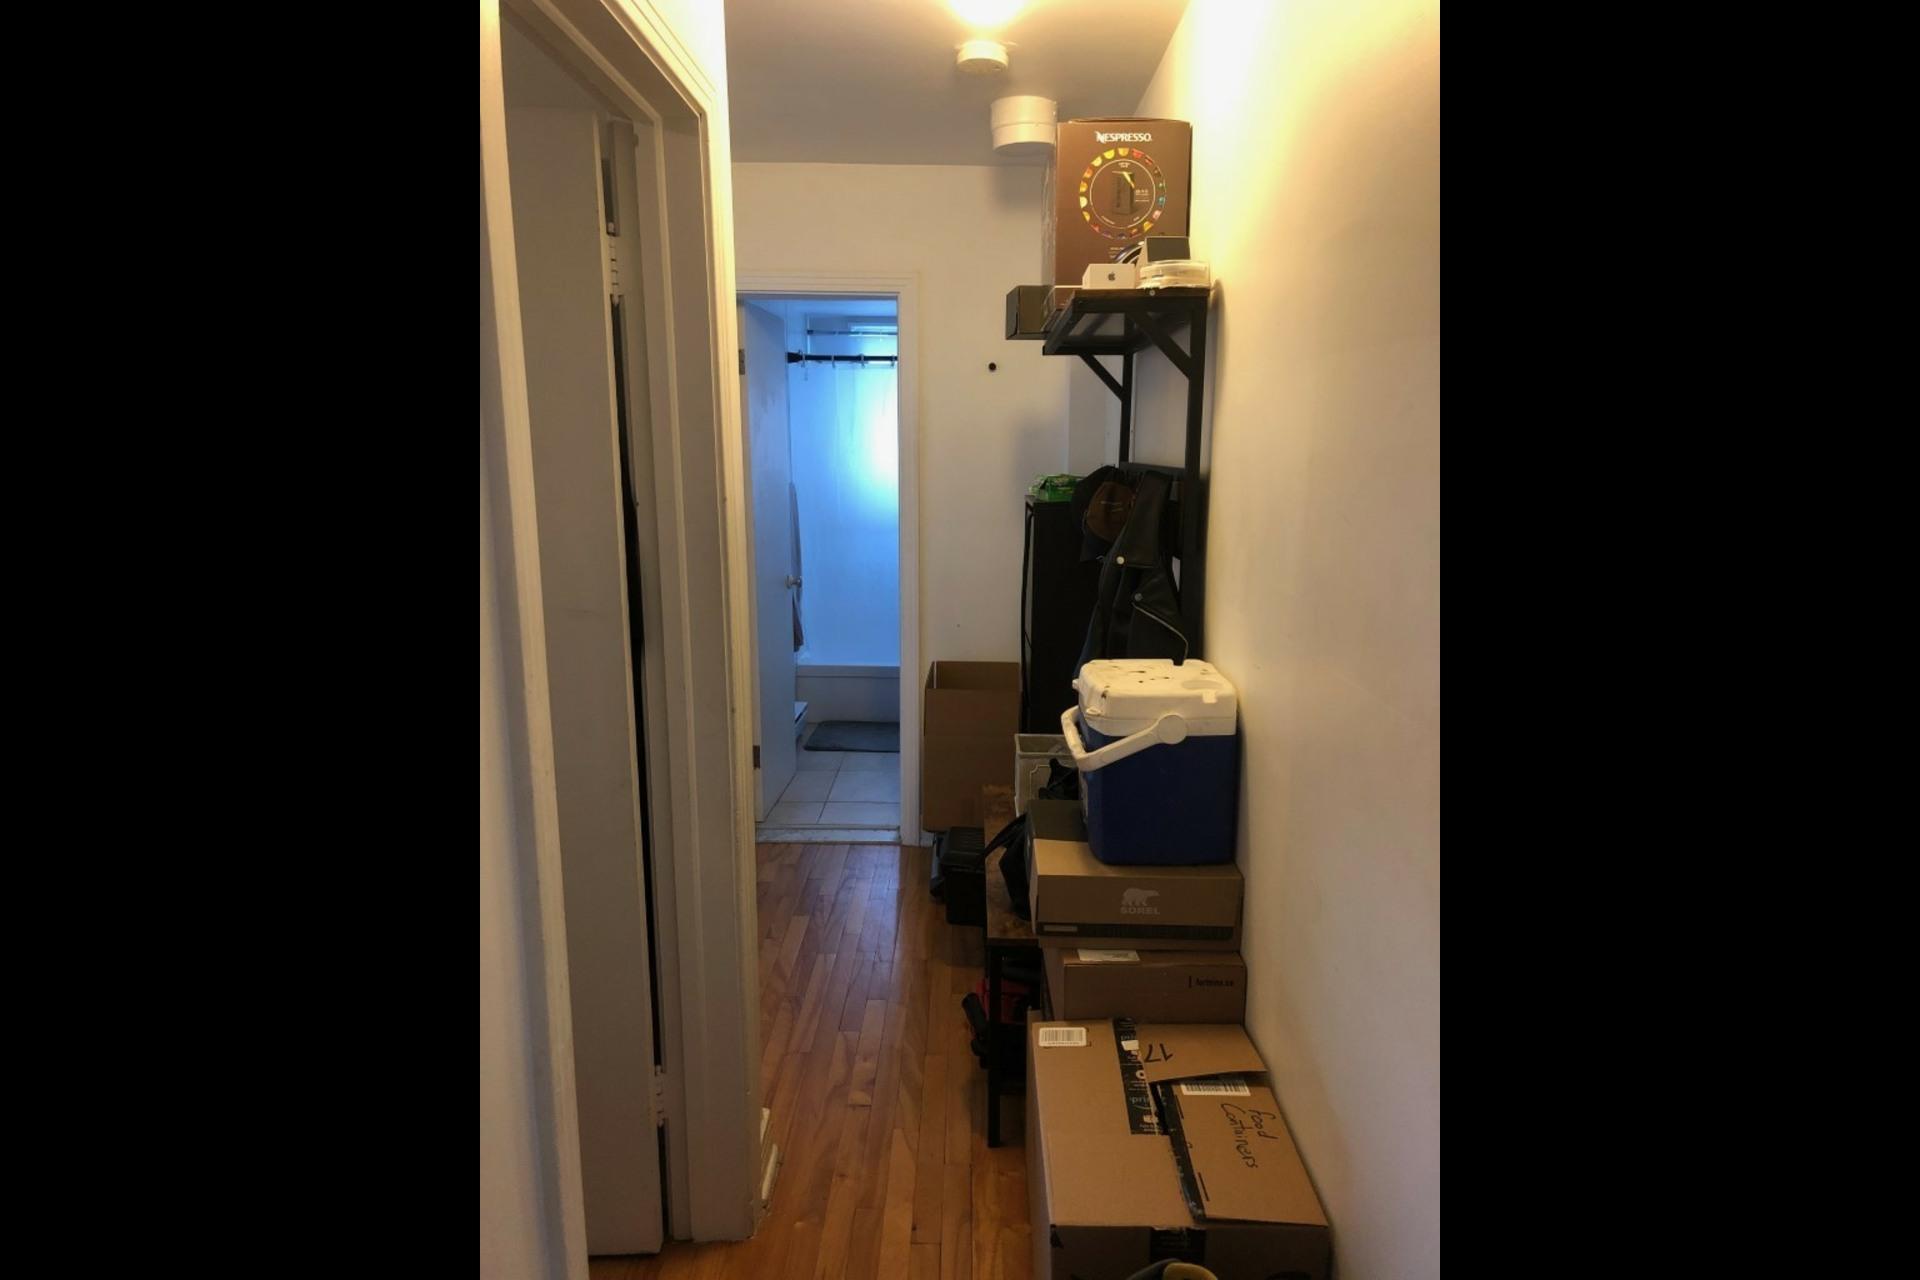 image 4 - Appartement À louer Montréal Ahuntsic - 3 pièces